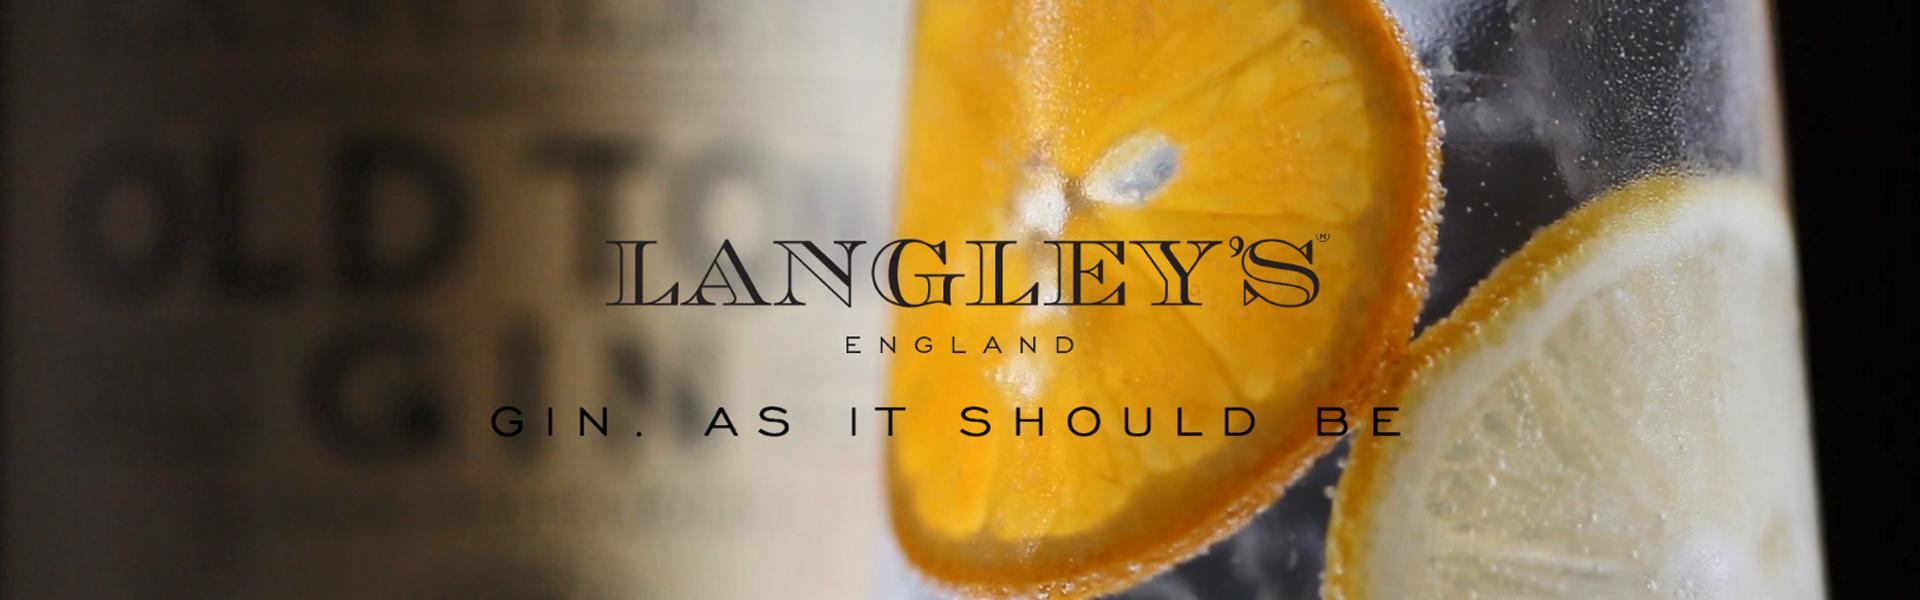 Langley's England